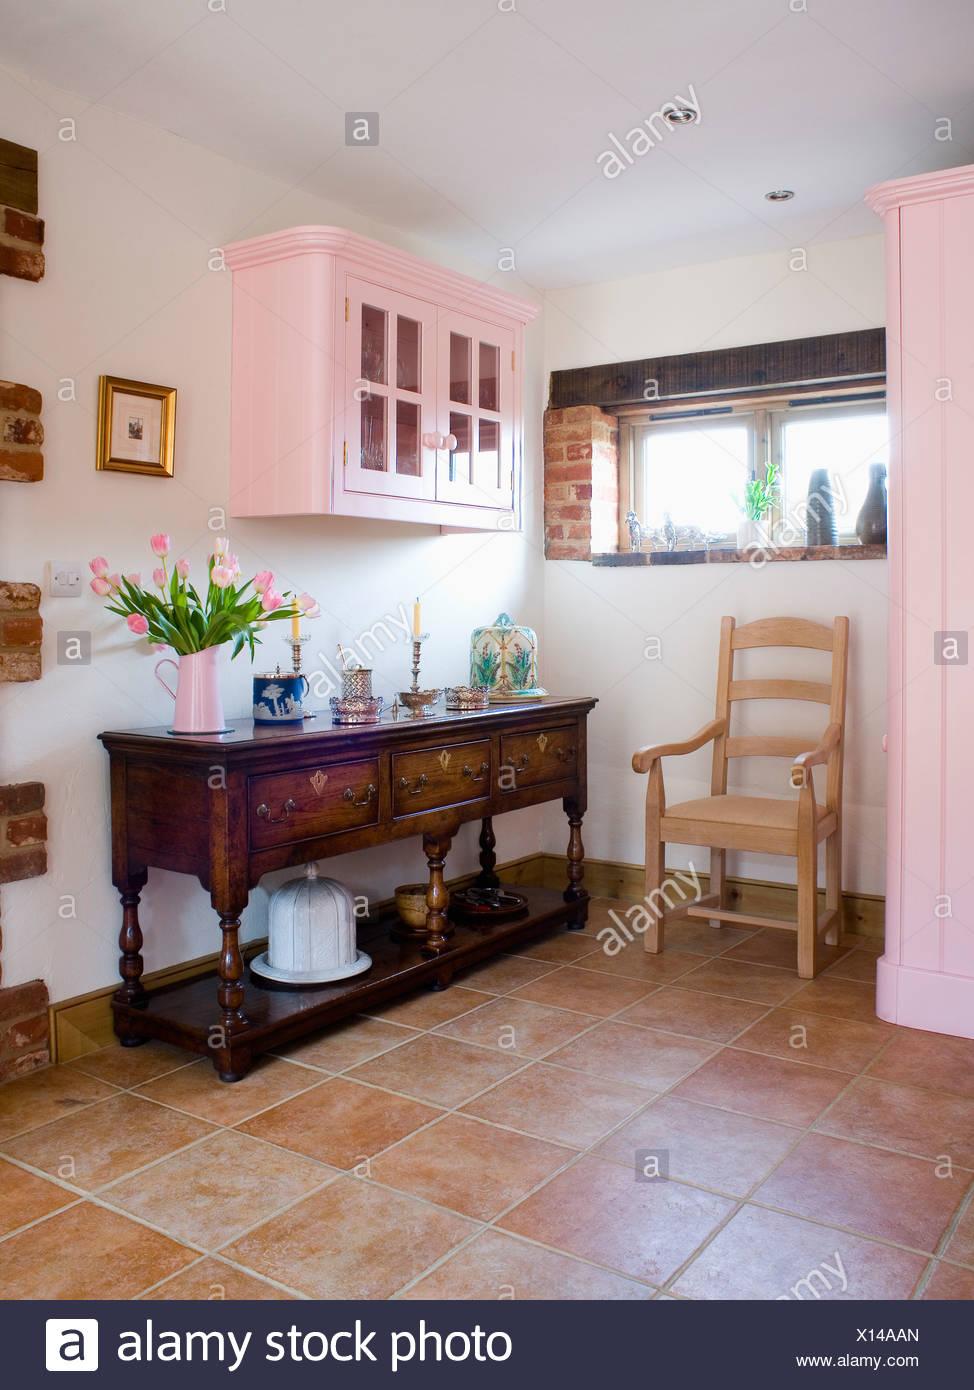 Blasse Holz Stuhl Und Antiken Sideboard In Landhauskuche Mit